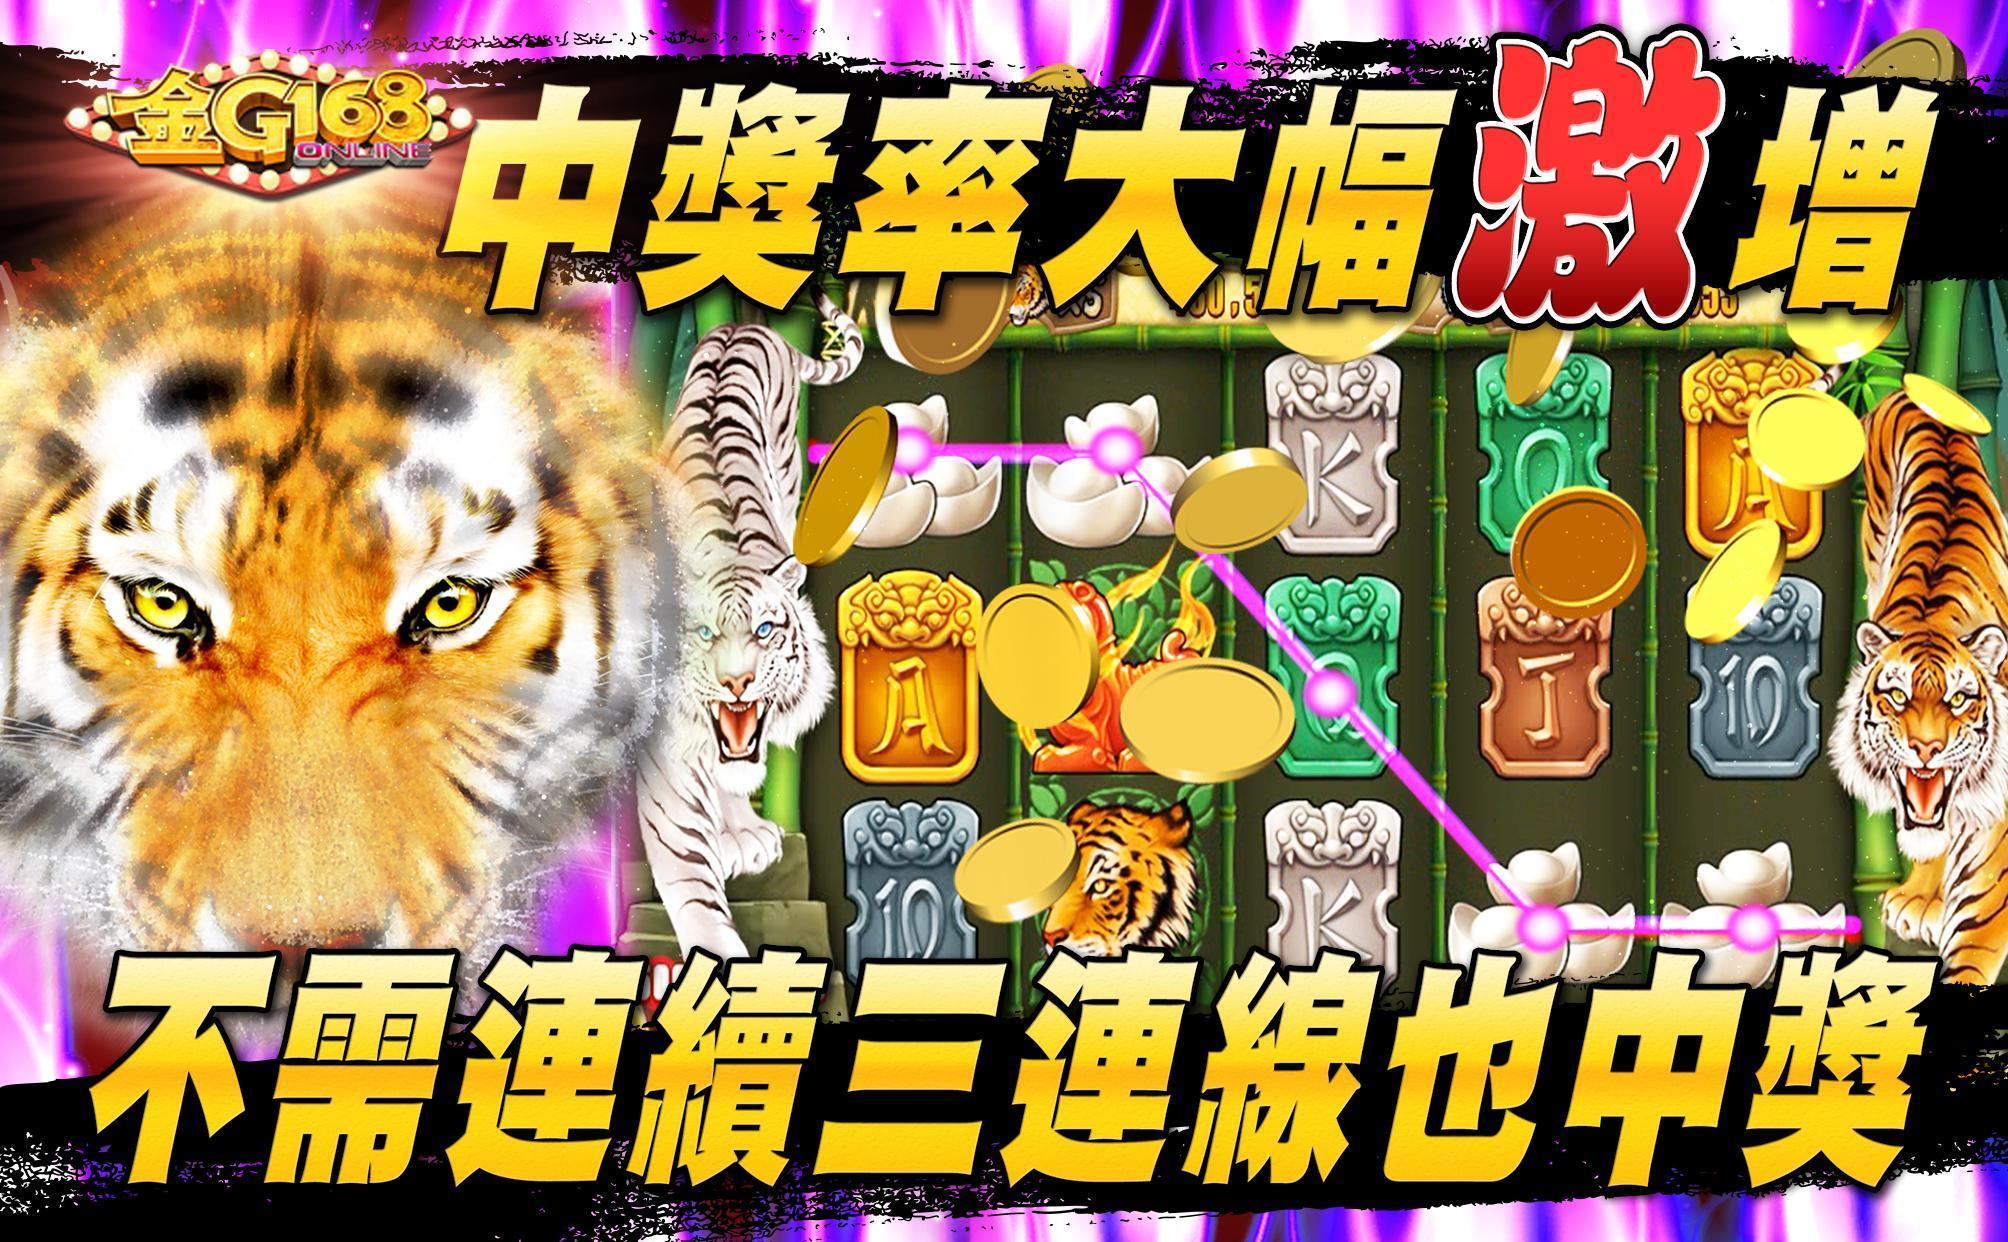 金G168 Casino -老虎機,7PK撲克,小瑪莉,骰寶 1.1.23 Screenshot 5